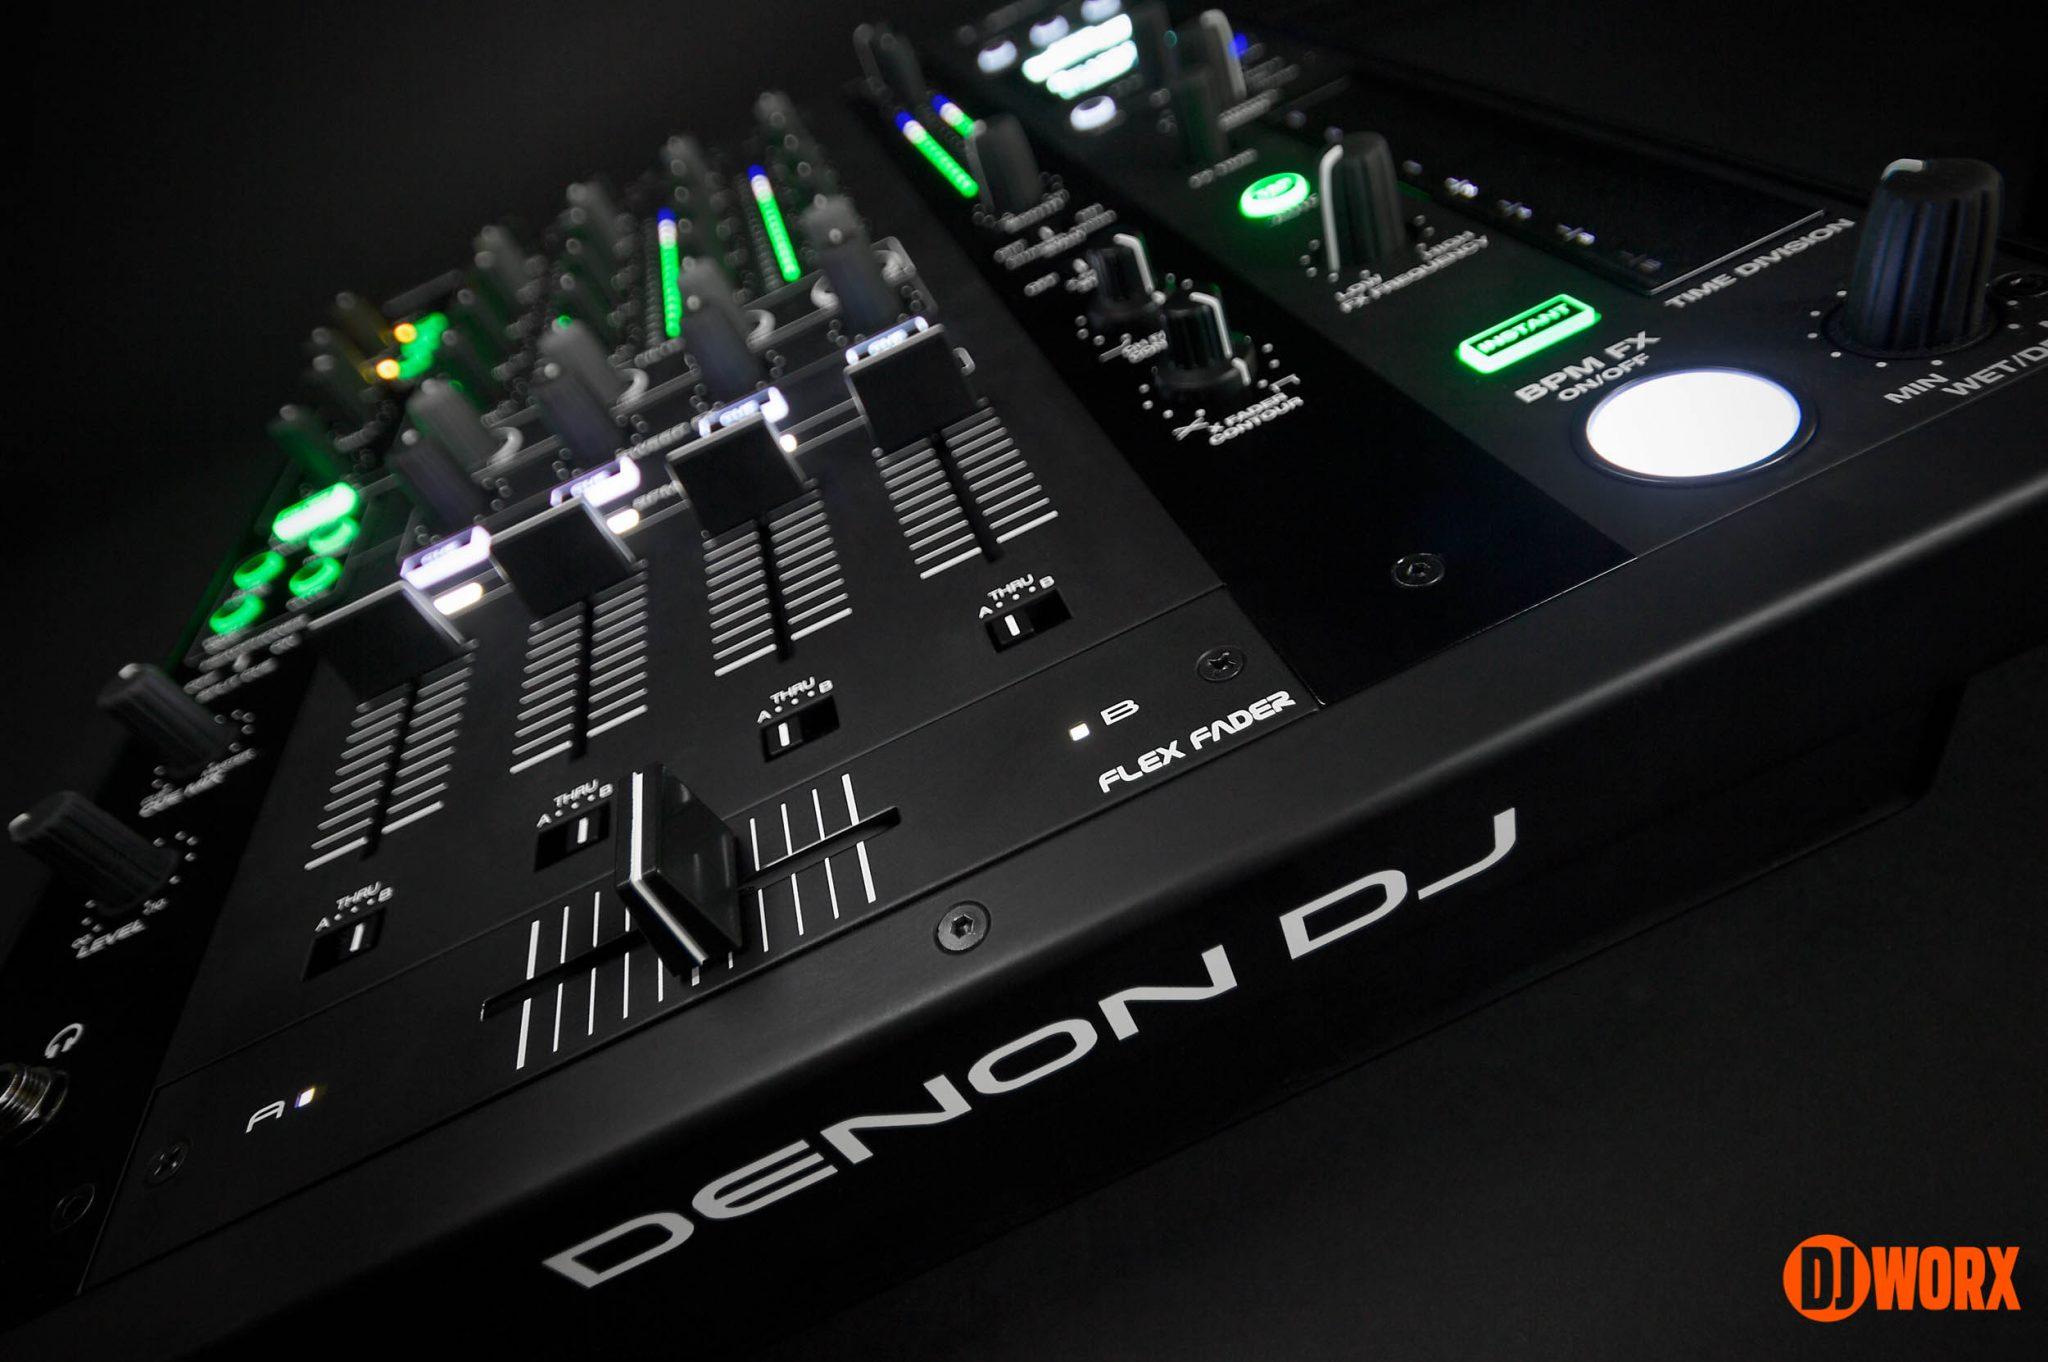 REVIEW: Denon DJ X1800 Prime mixer | DJWORX